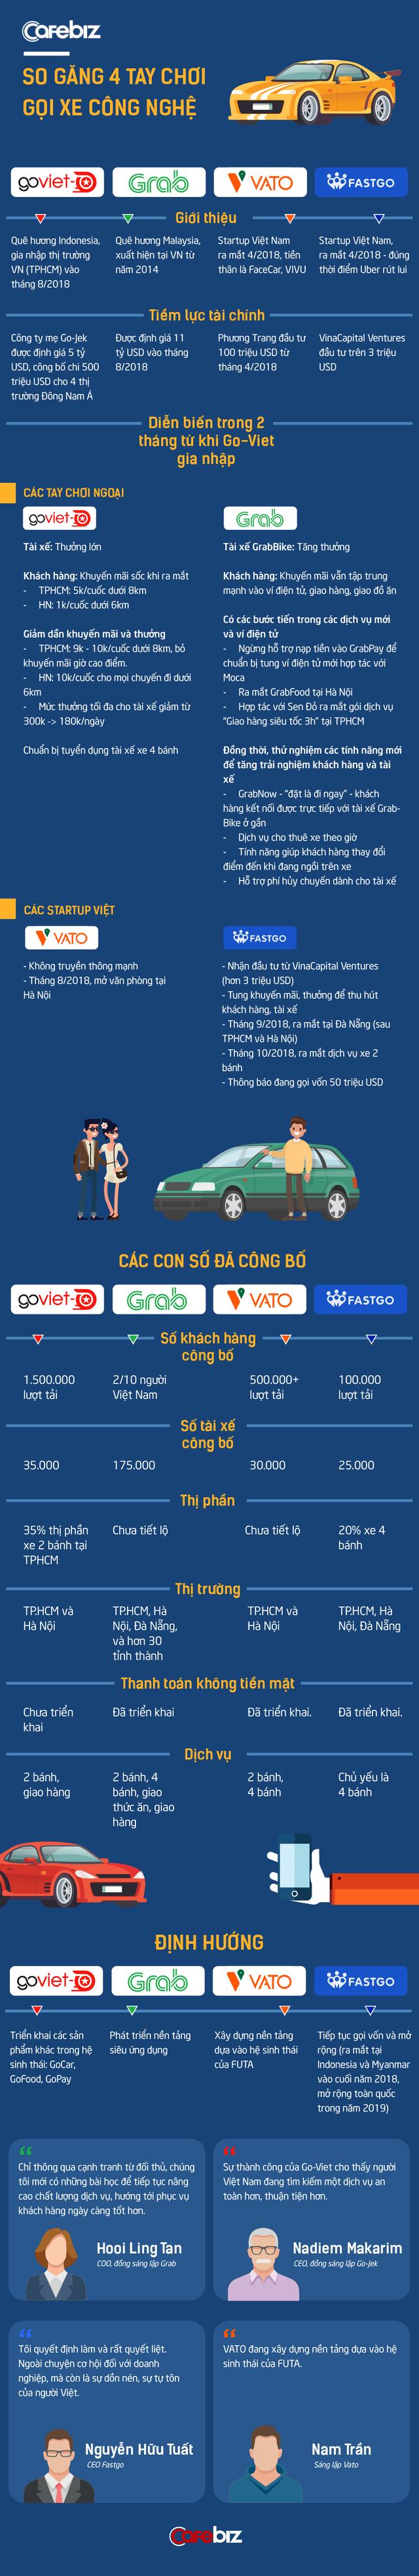 So găng Go-Viet vs Grab vs VATO vs FastGo: Ai là hùm thật? Ai là hổ giấy? - Ảnh 1.